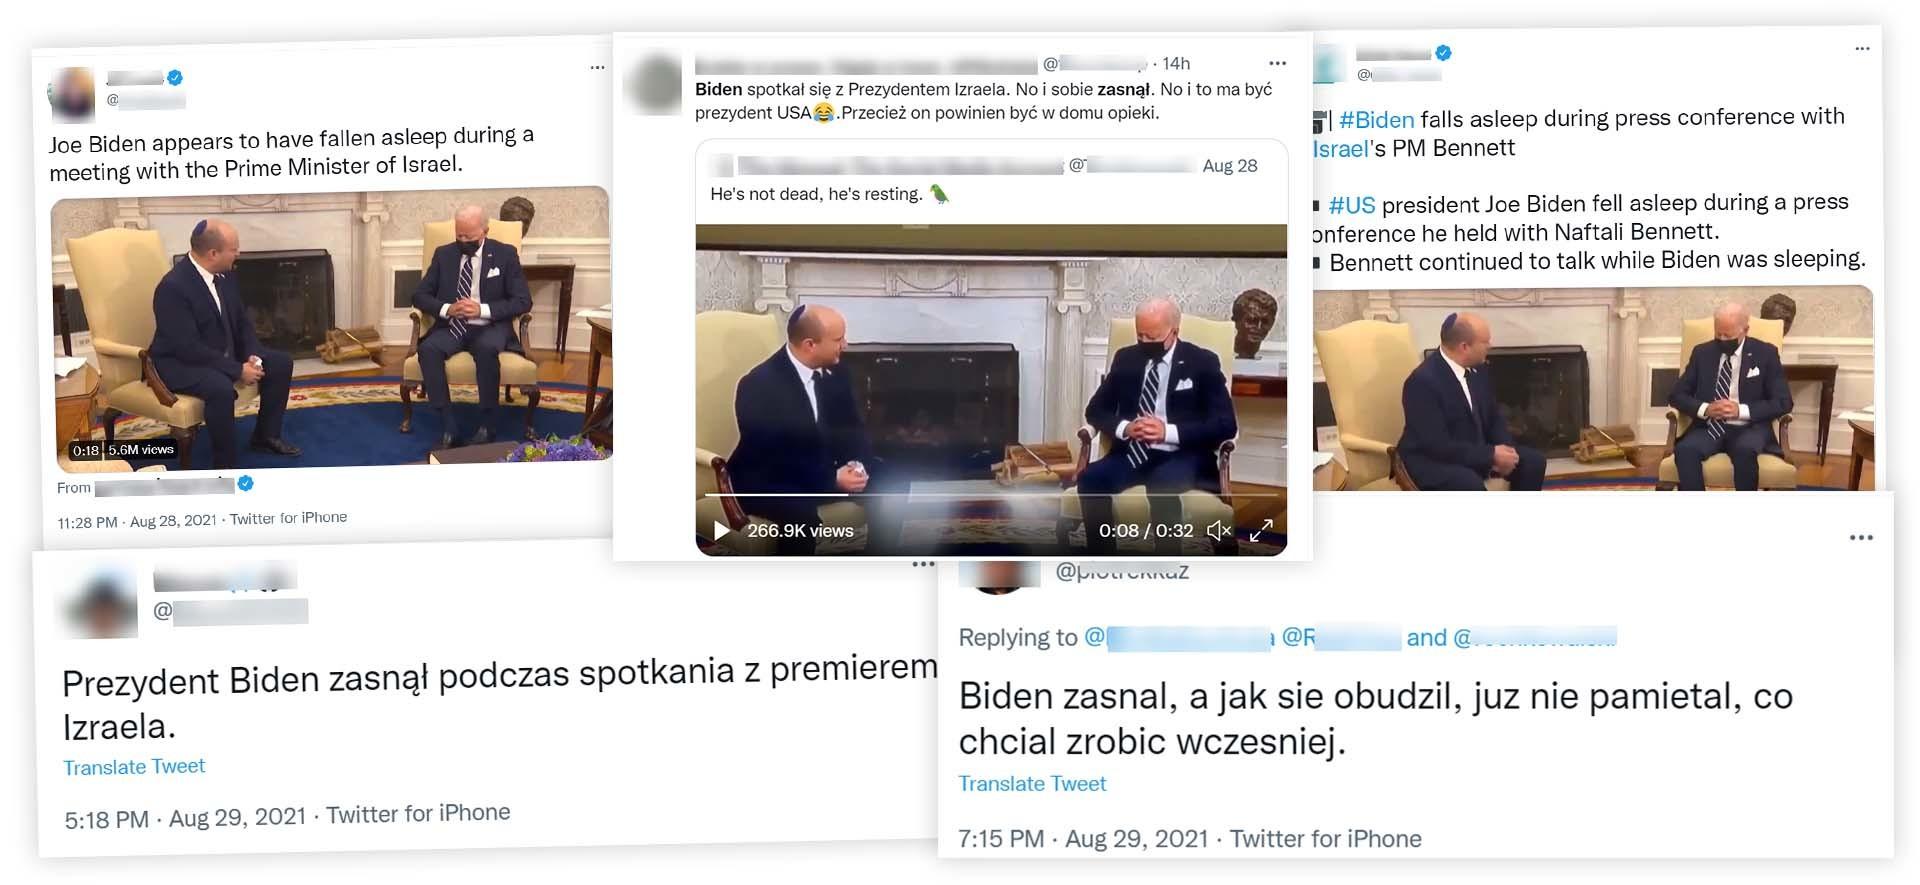 Wideo z prezydentem USA, który rzekomo miał zasnąć podczas rozmowy, szybko stało się popularne w sieci